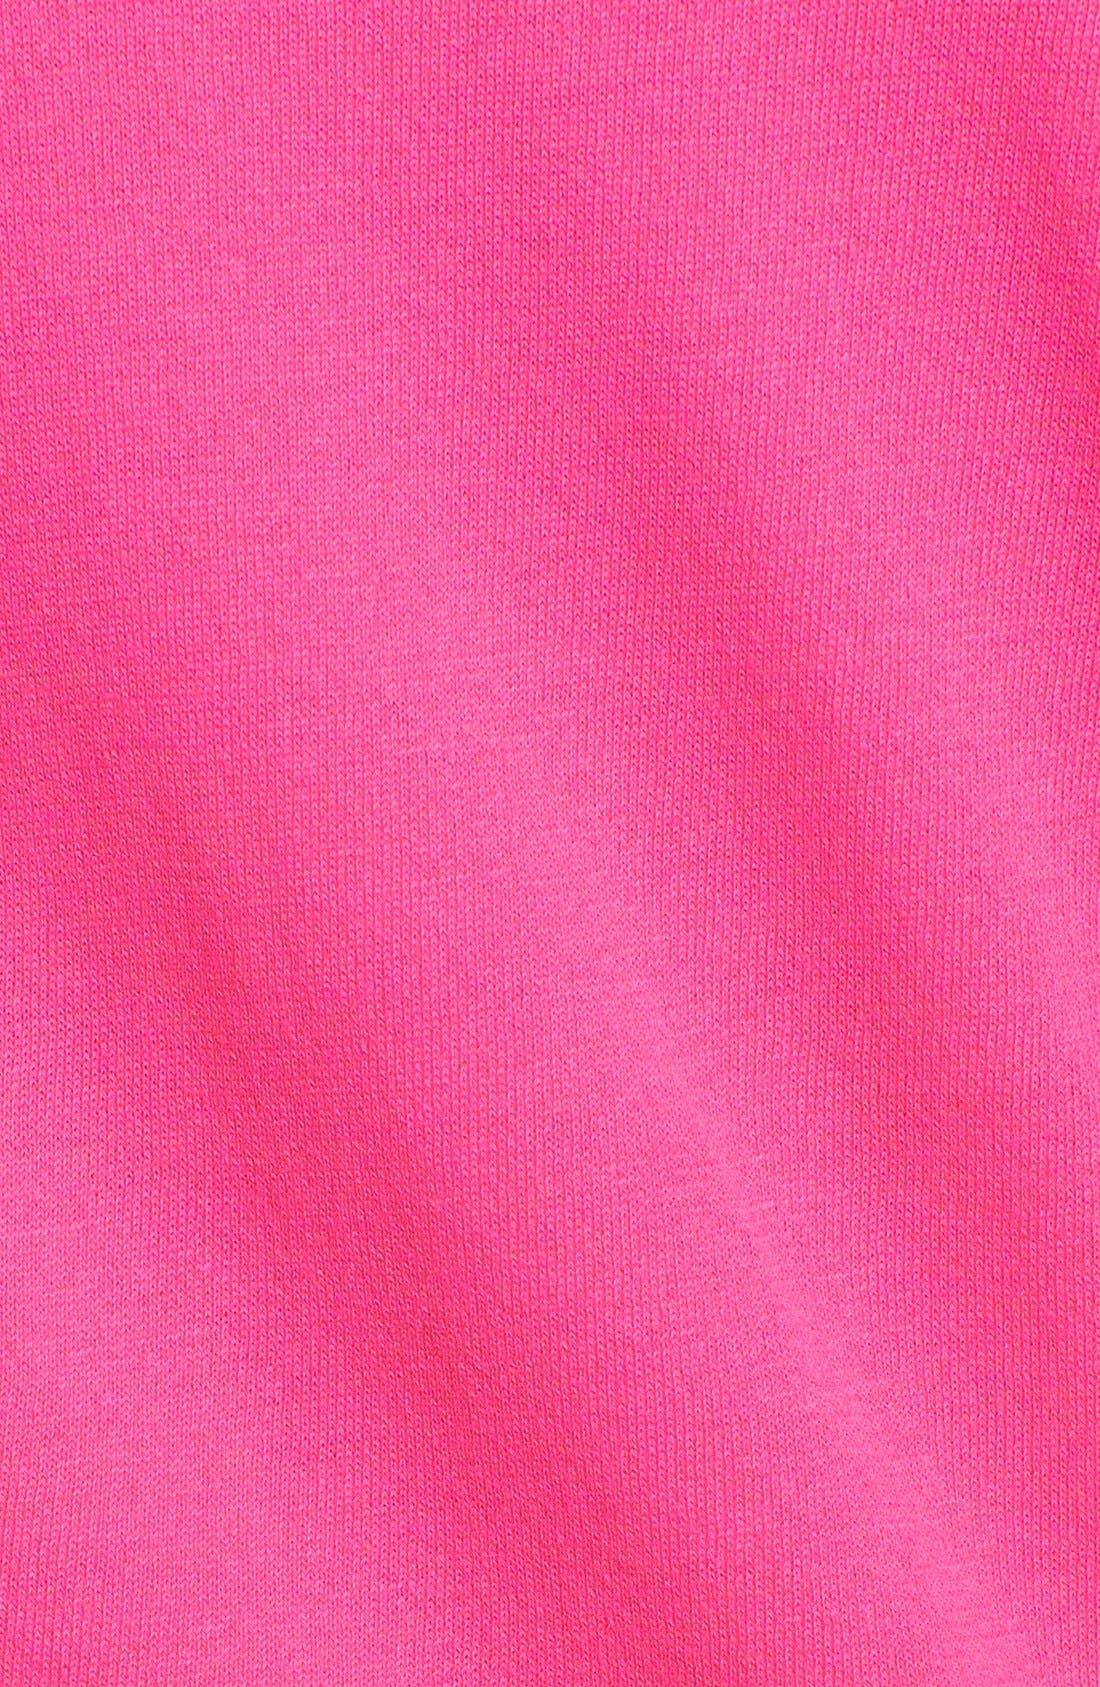 Alternate Image 3  - kate spade new york 'somerset' cotton blend cardigan